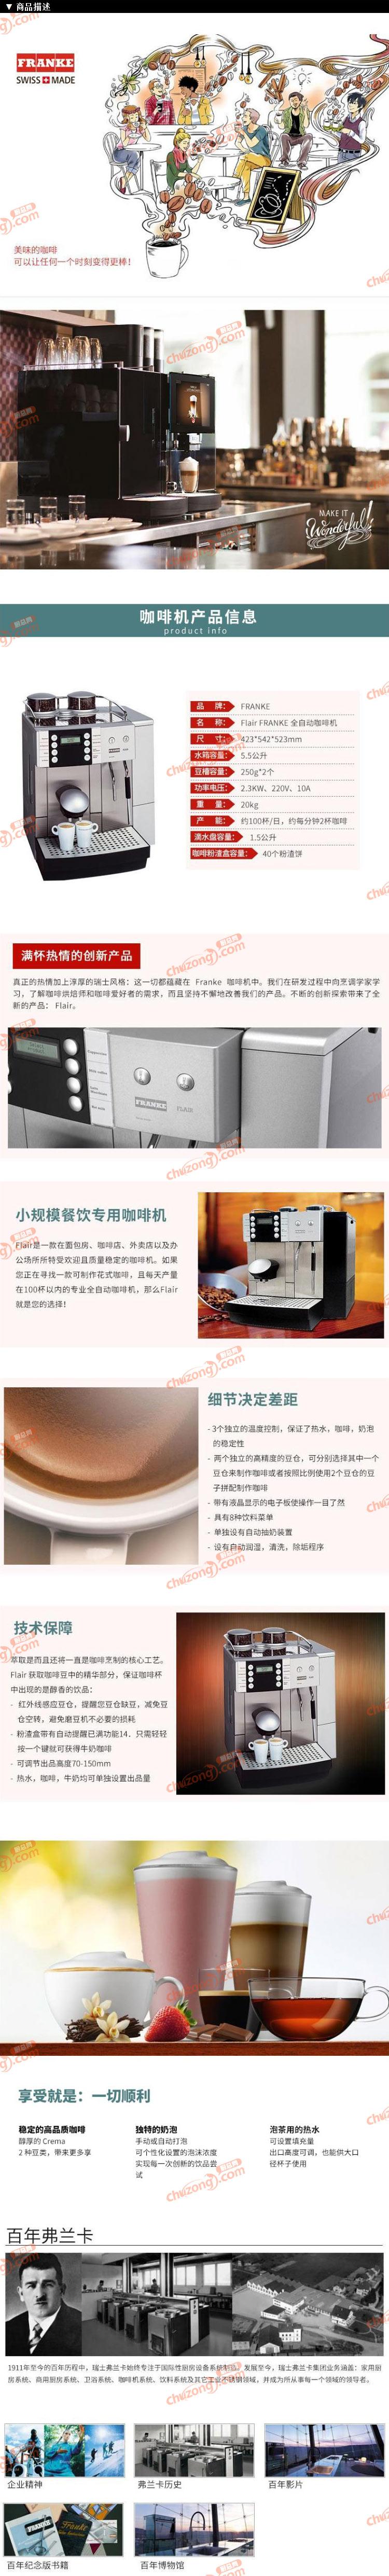 瑞士弗兰卡全自动咖啡机Flair图片